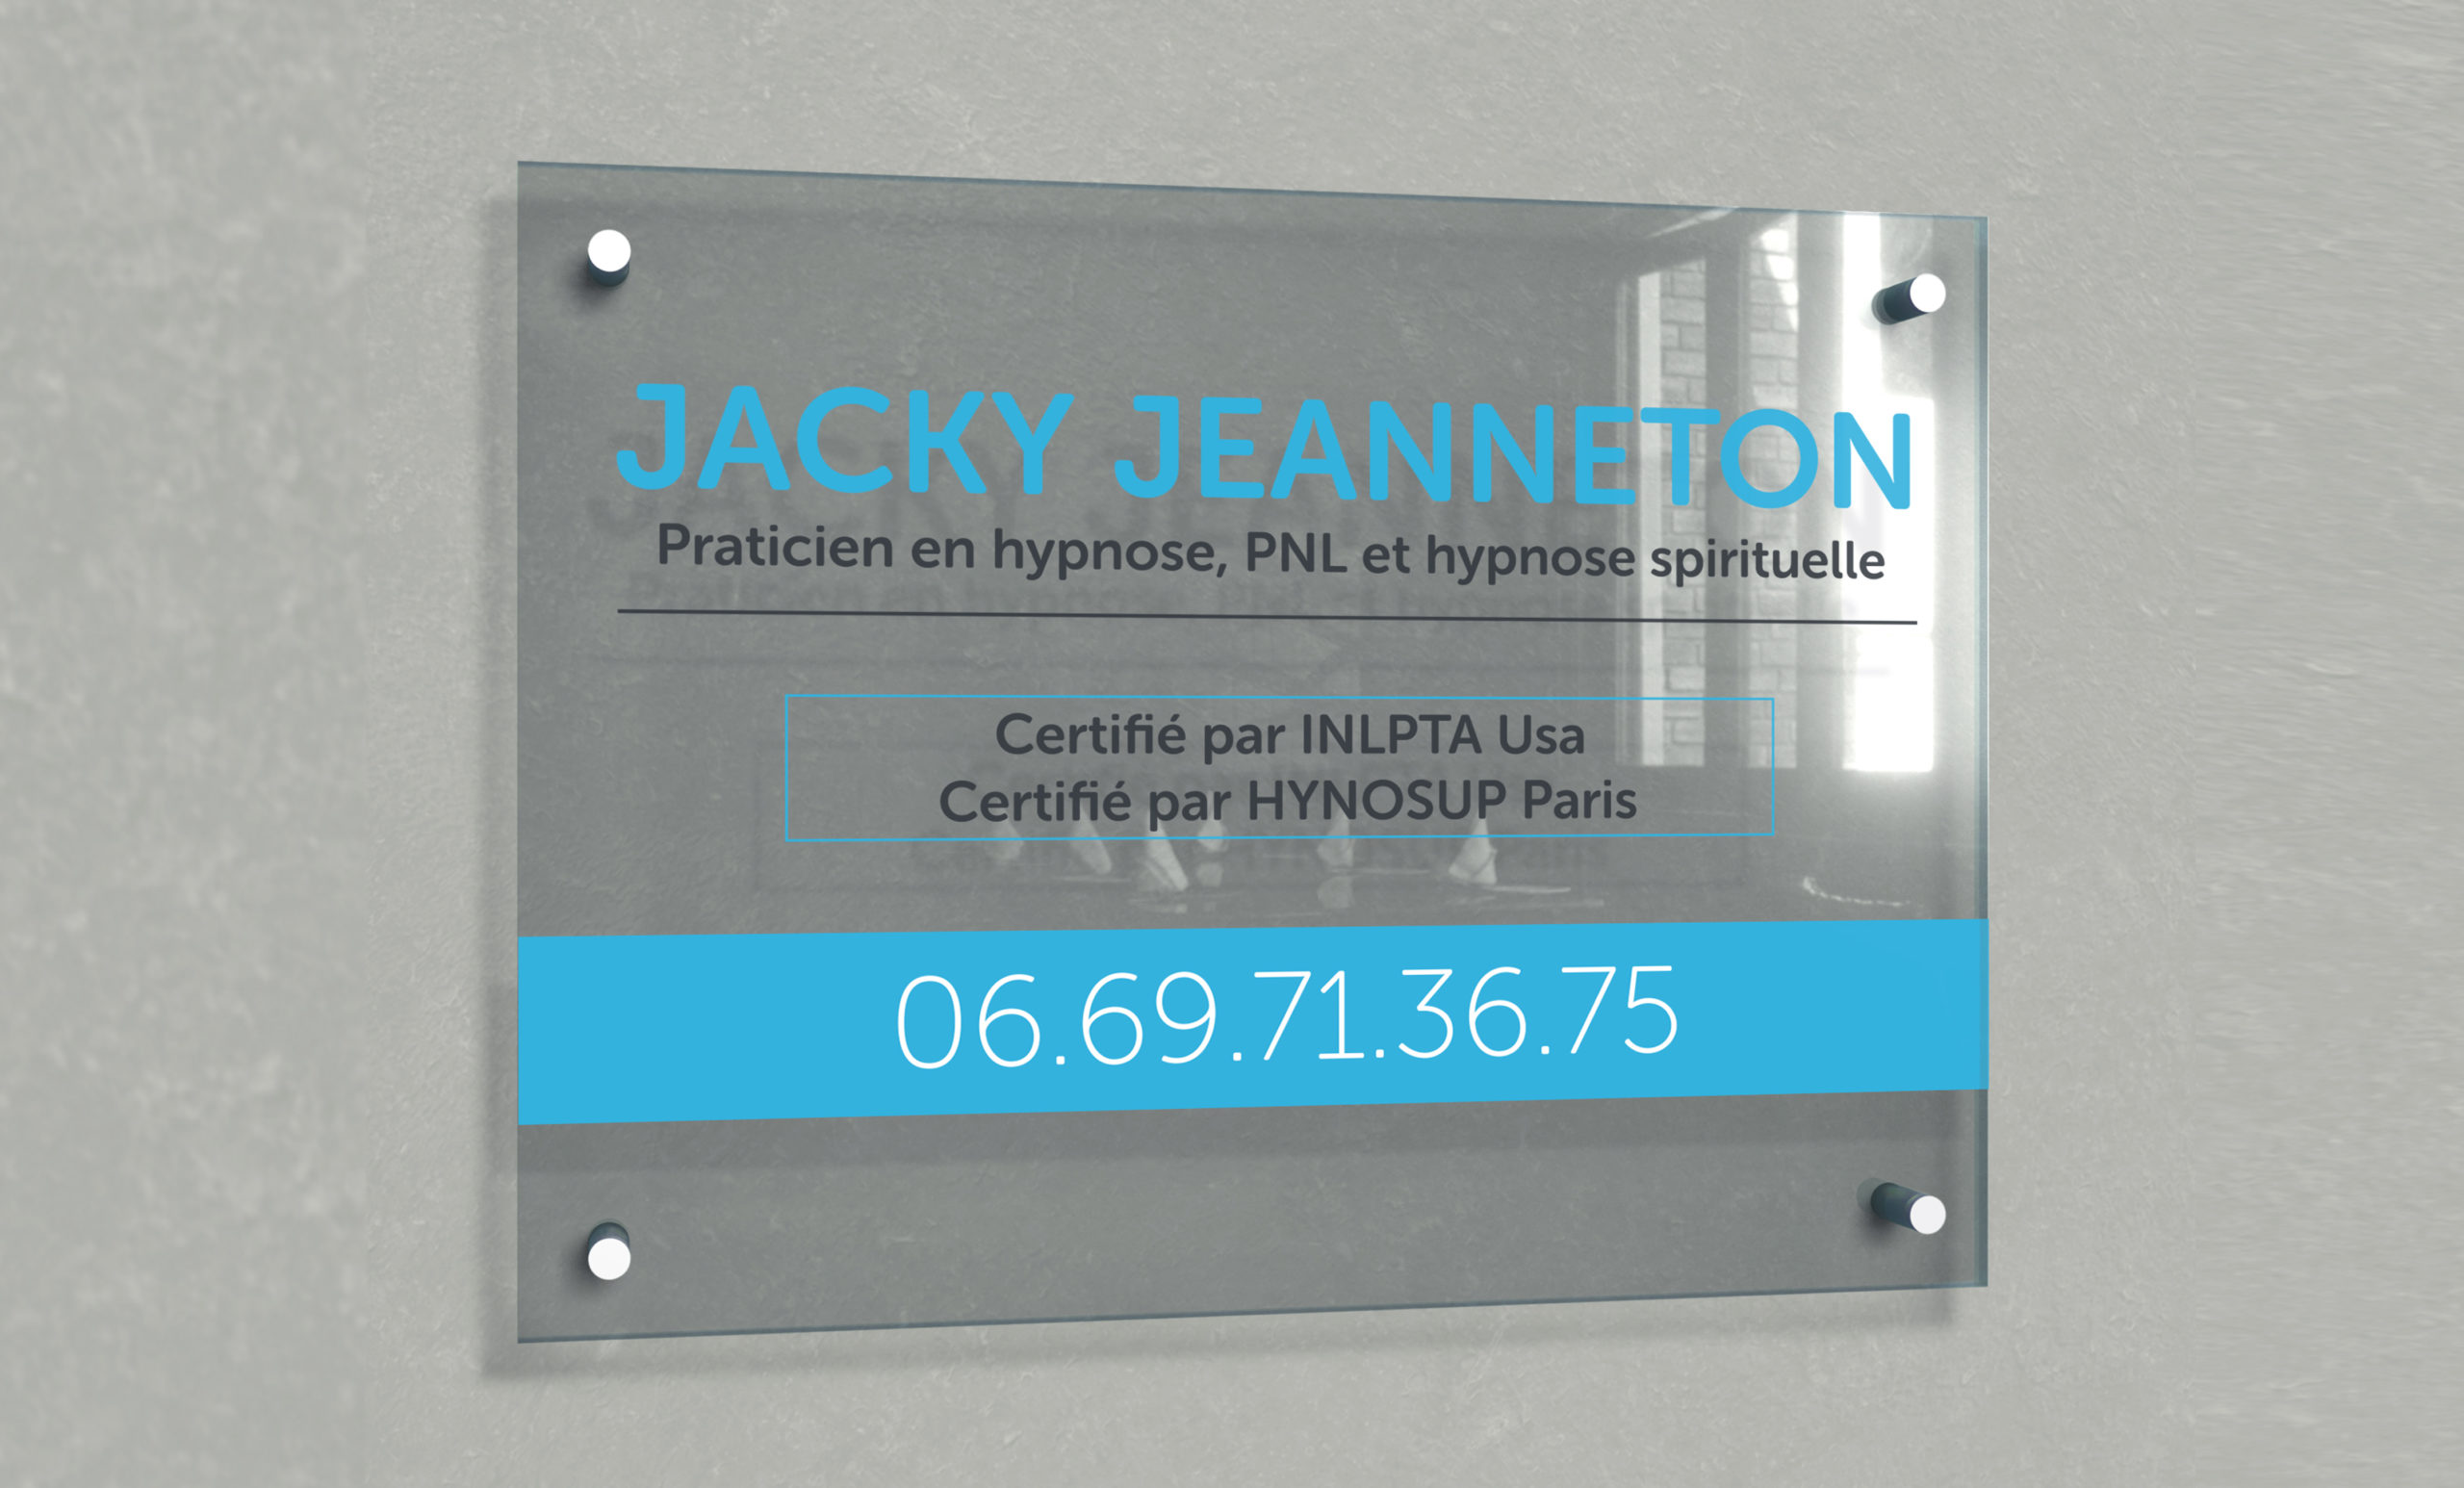 plaque-signalétique-Jacky-jeanneton